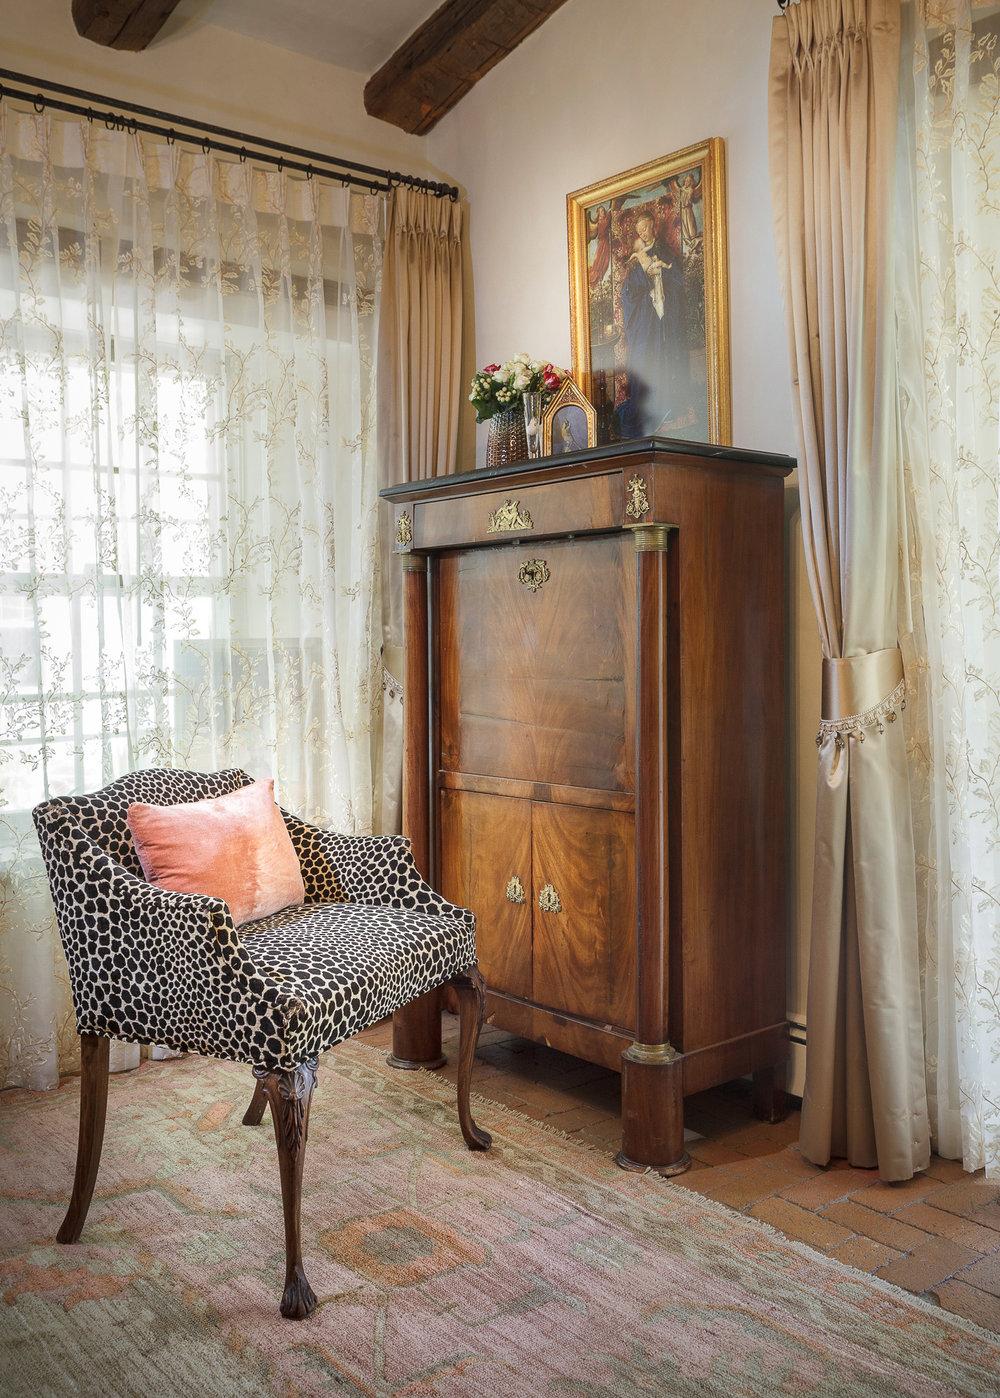 Antiques and Custom Furnishings